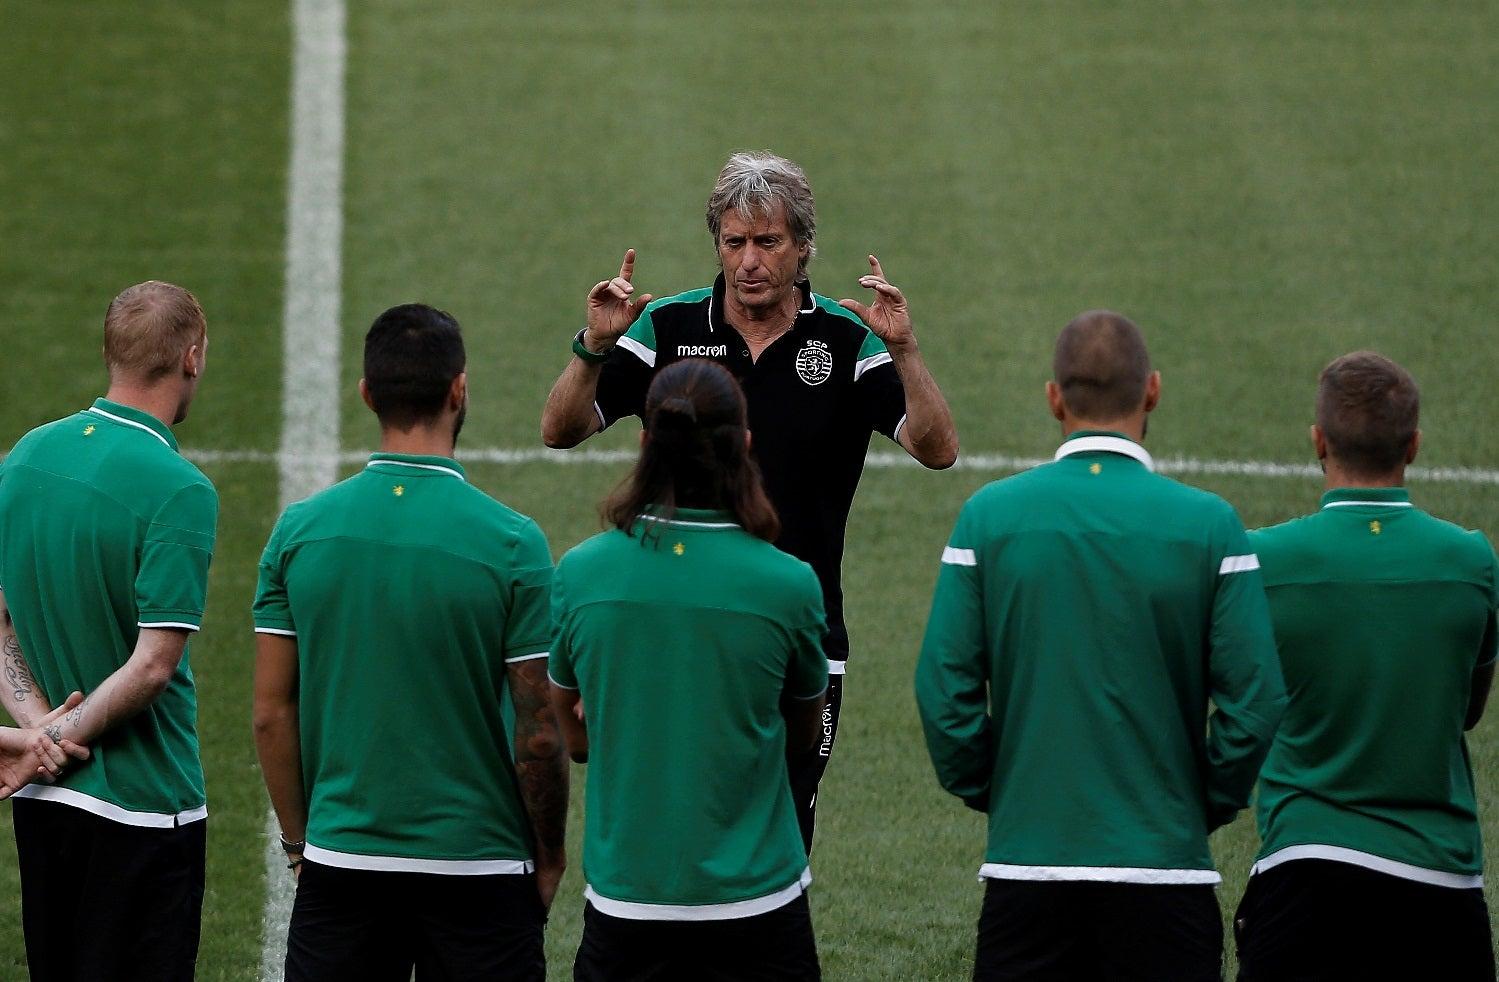 Vitória tem armas para contrariar favoritismo do Sporting, diz Paciência